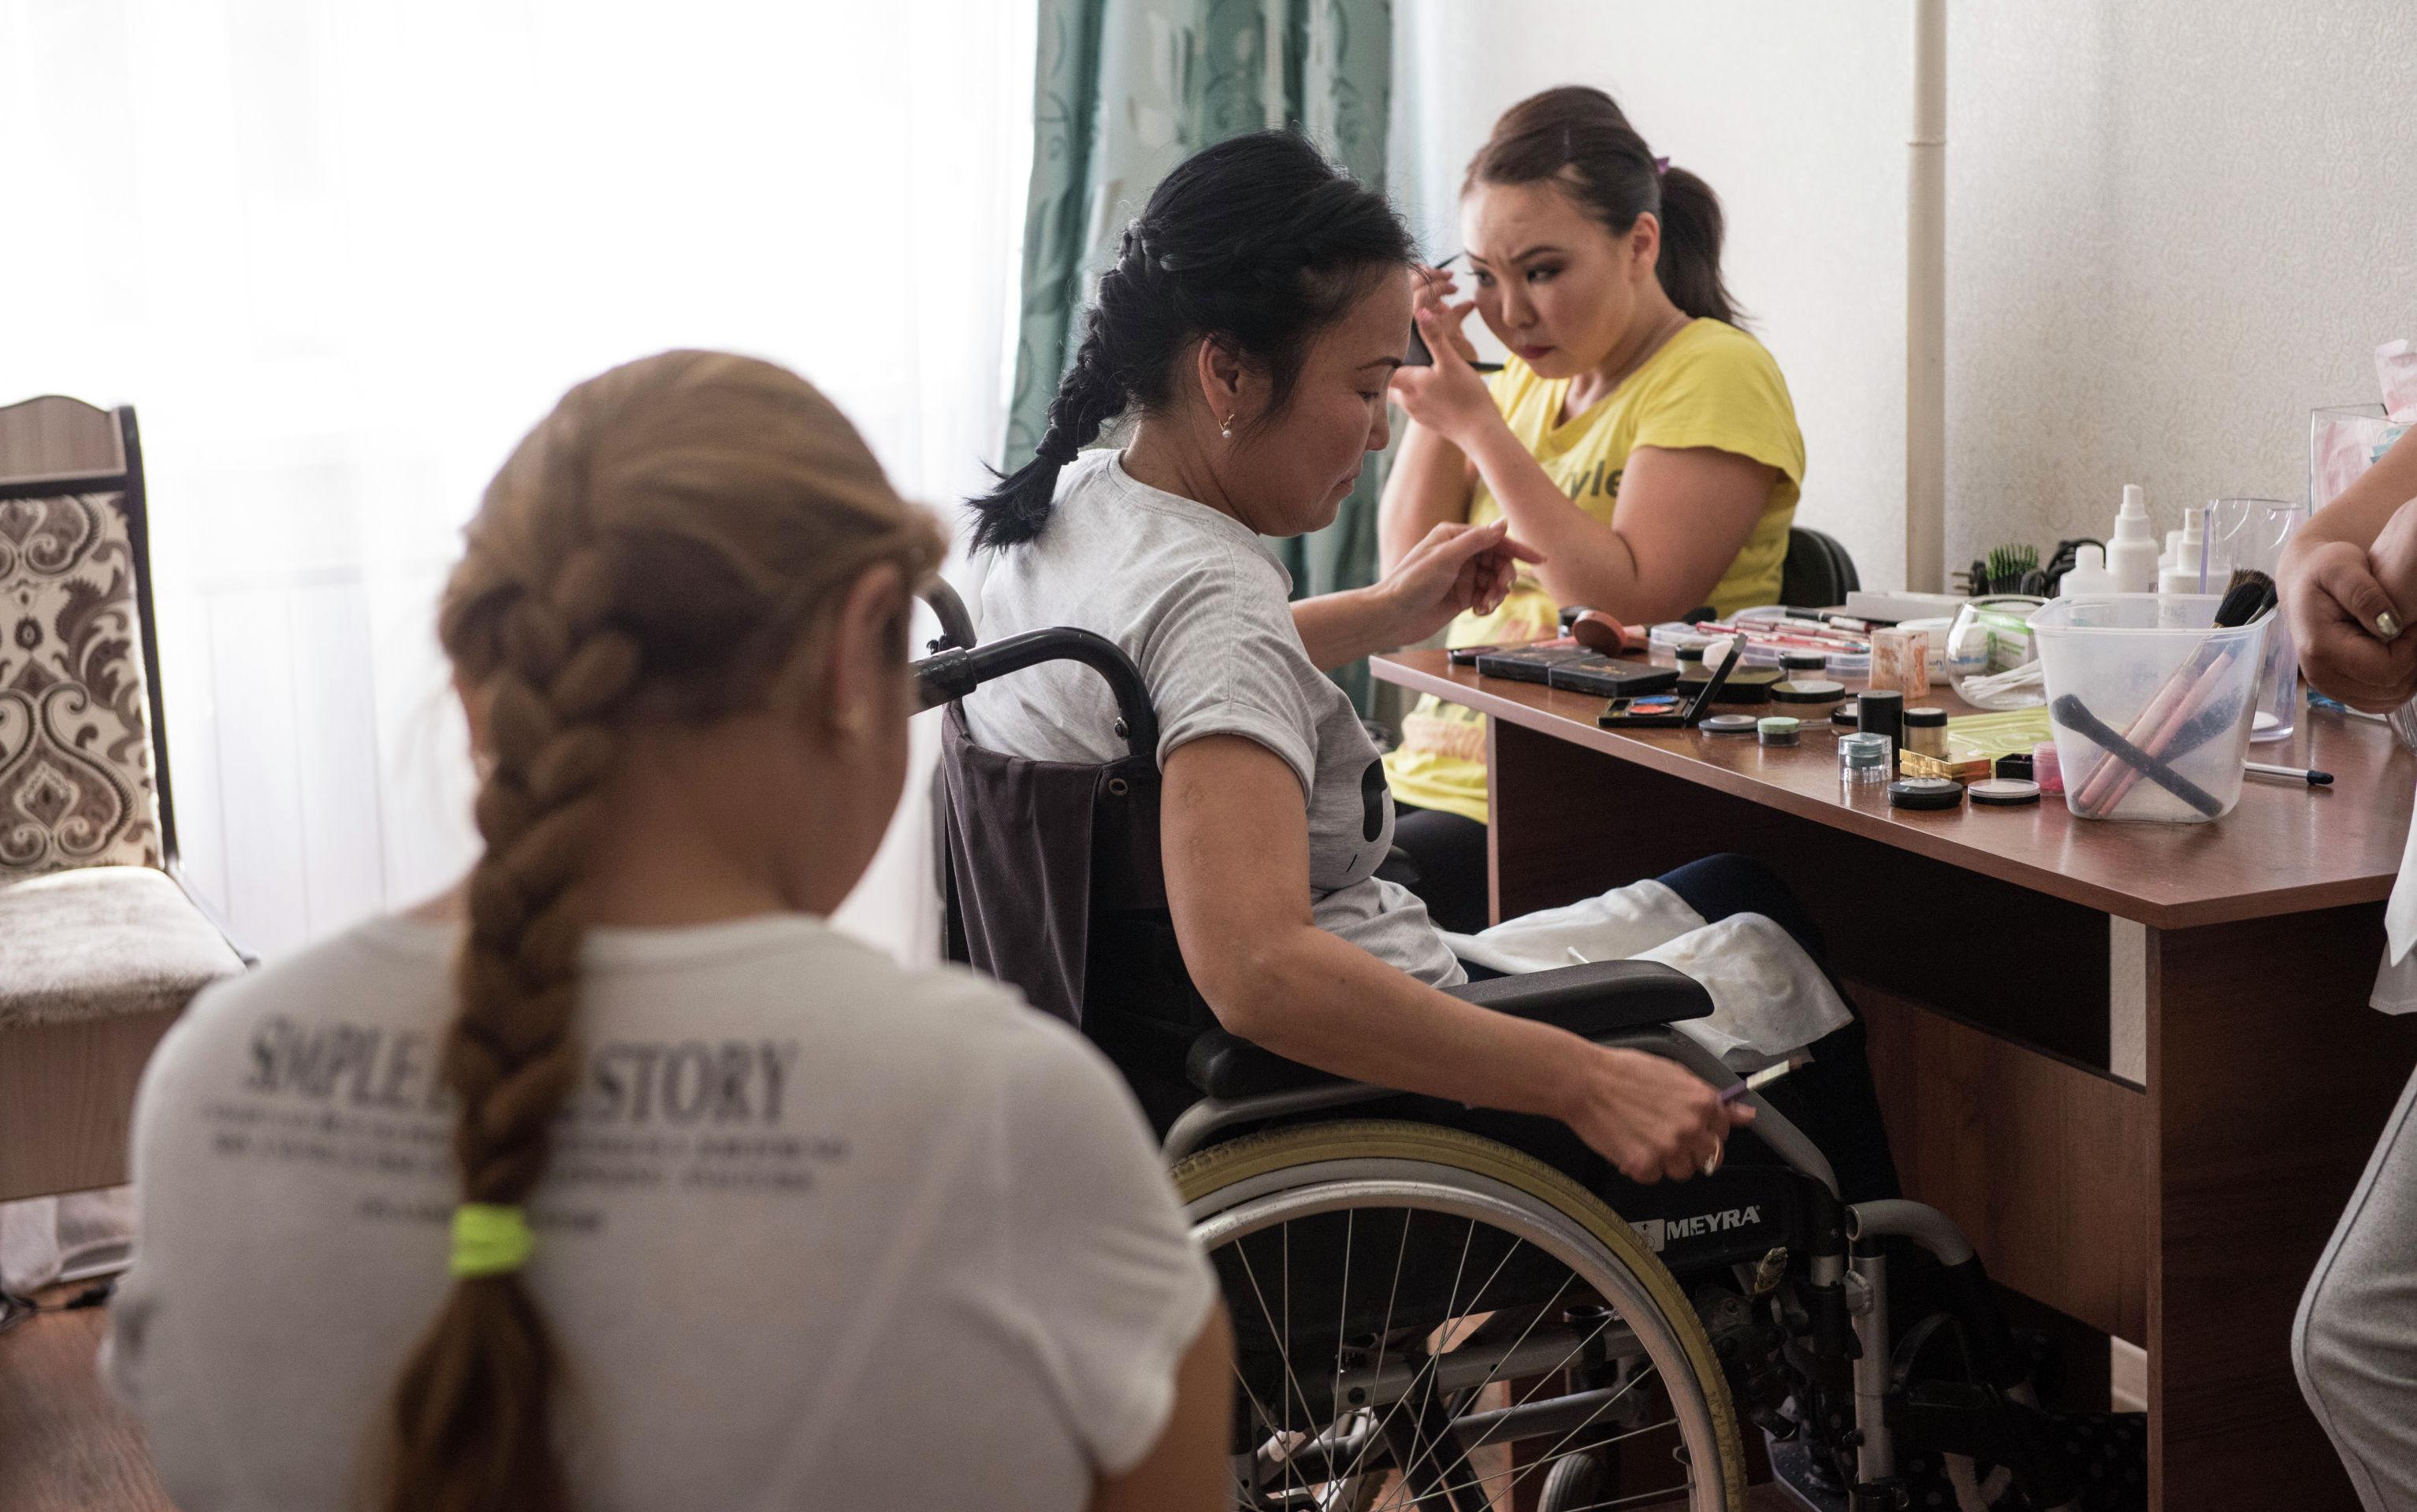 Девушки на курсе макияжа для людей с инвалидностью в Бишкеке